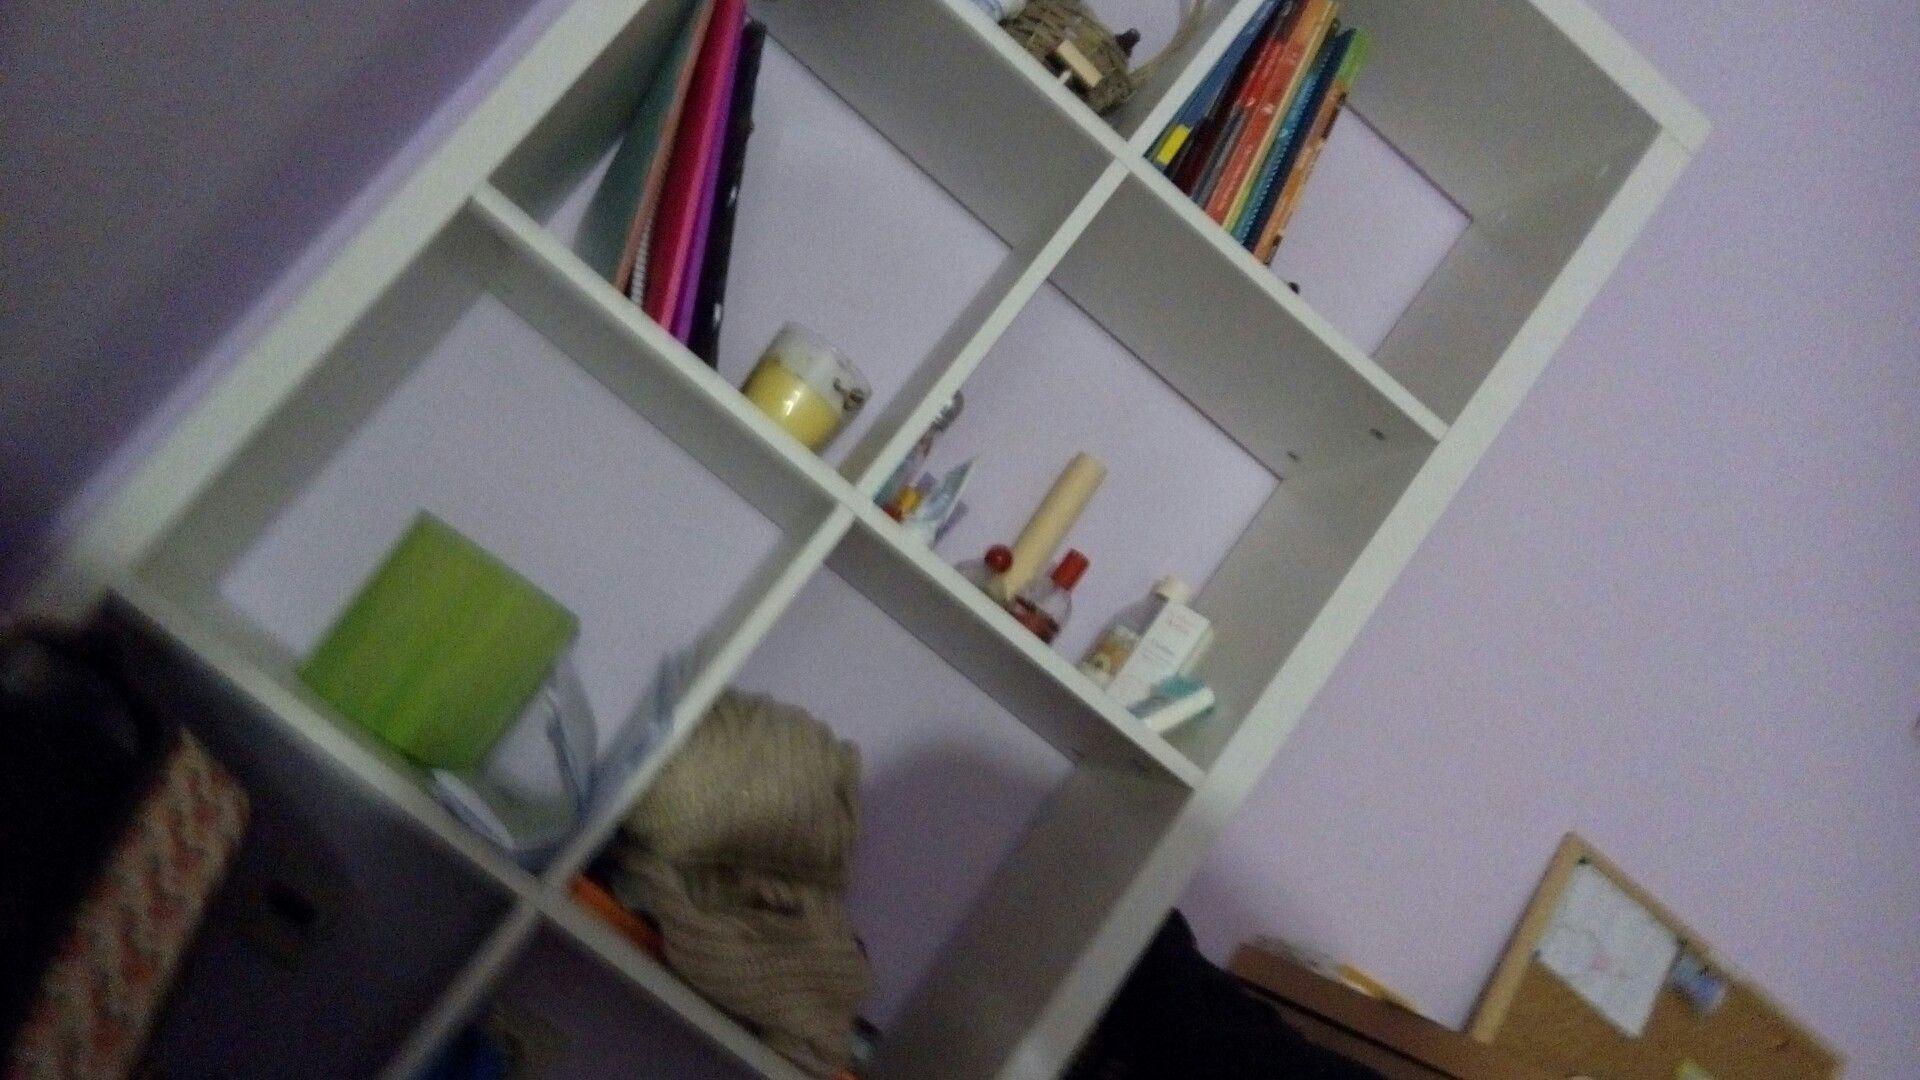 Única parte do meu quarto que está limpa